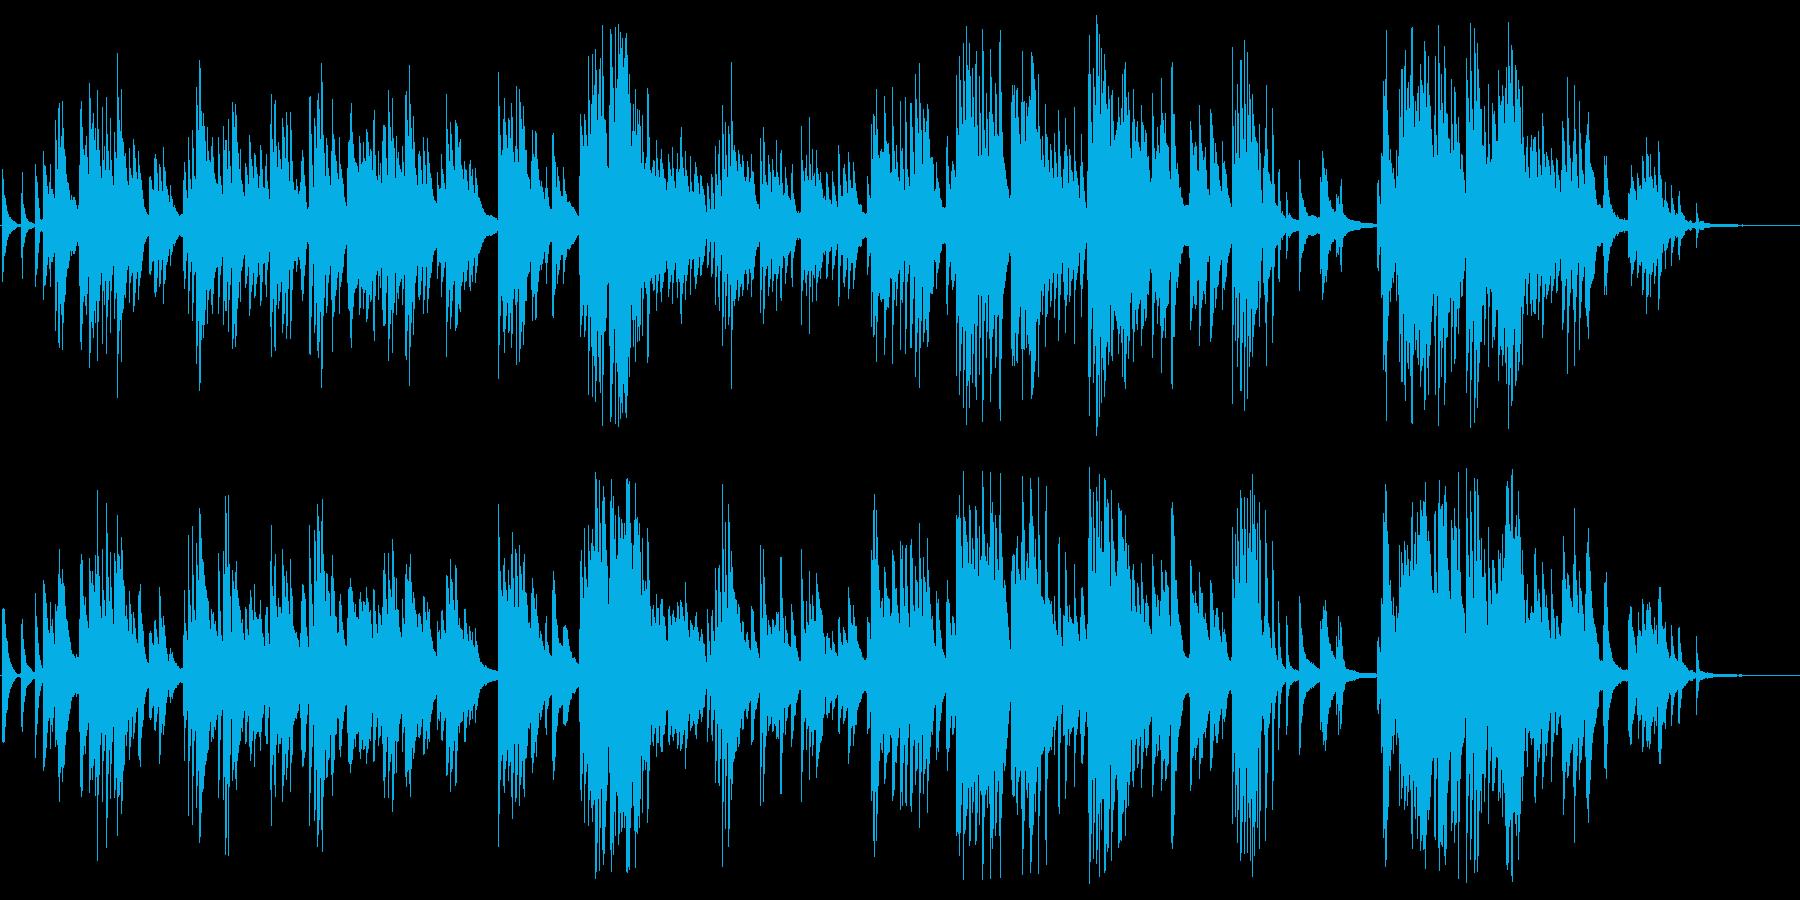 悲しみを感じる大人のソロピアノBGMの再生済みの波形